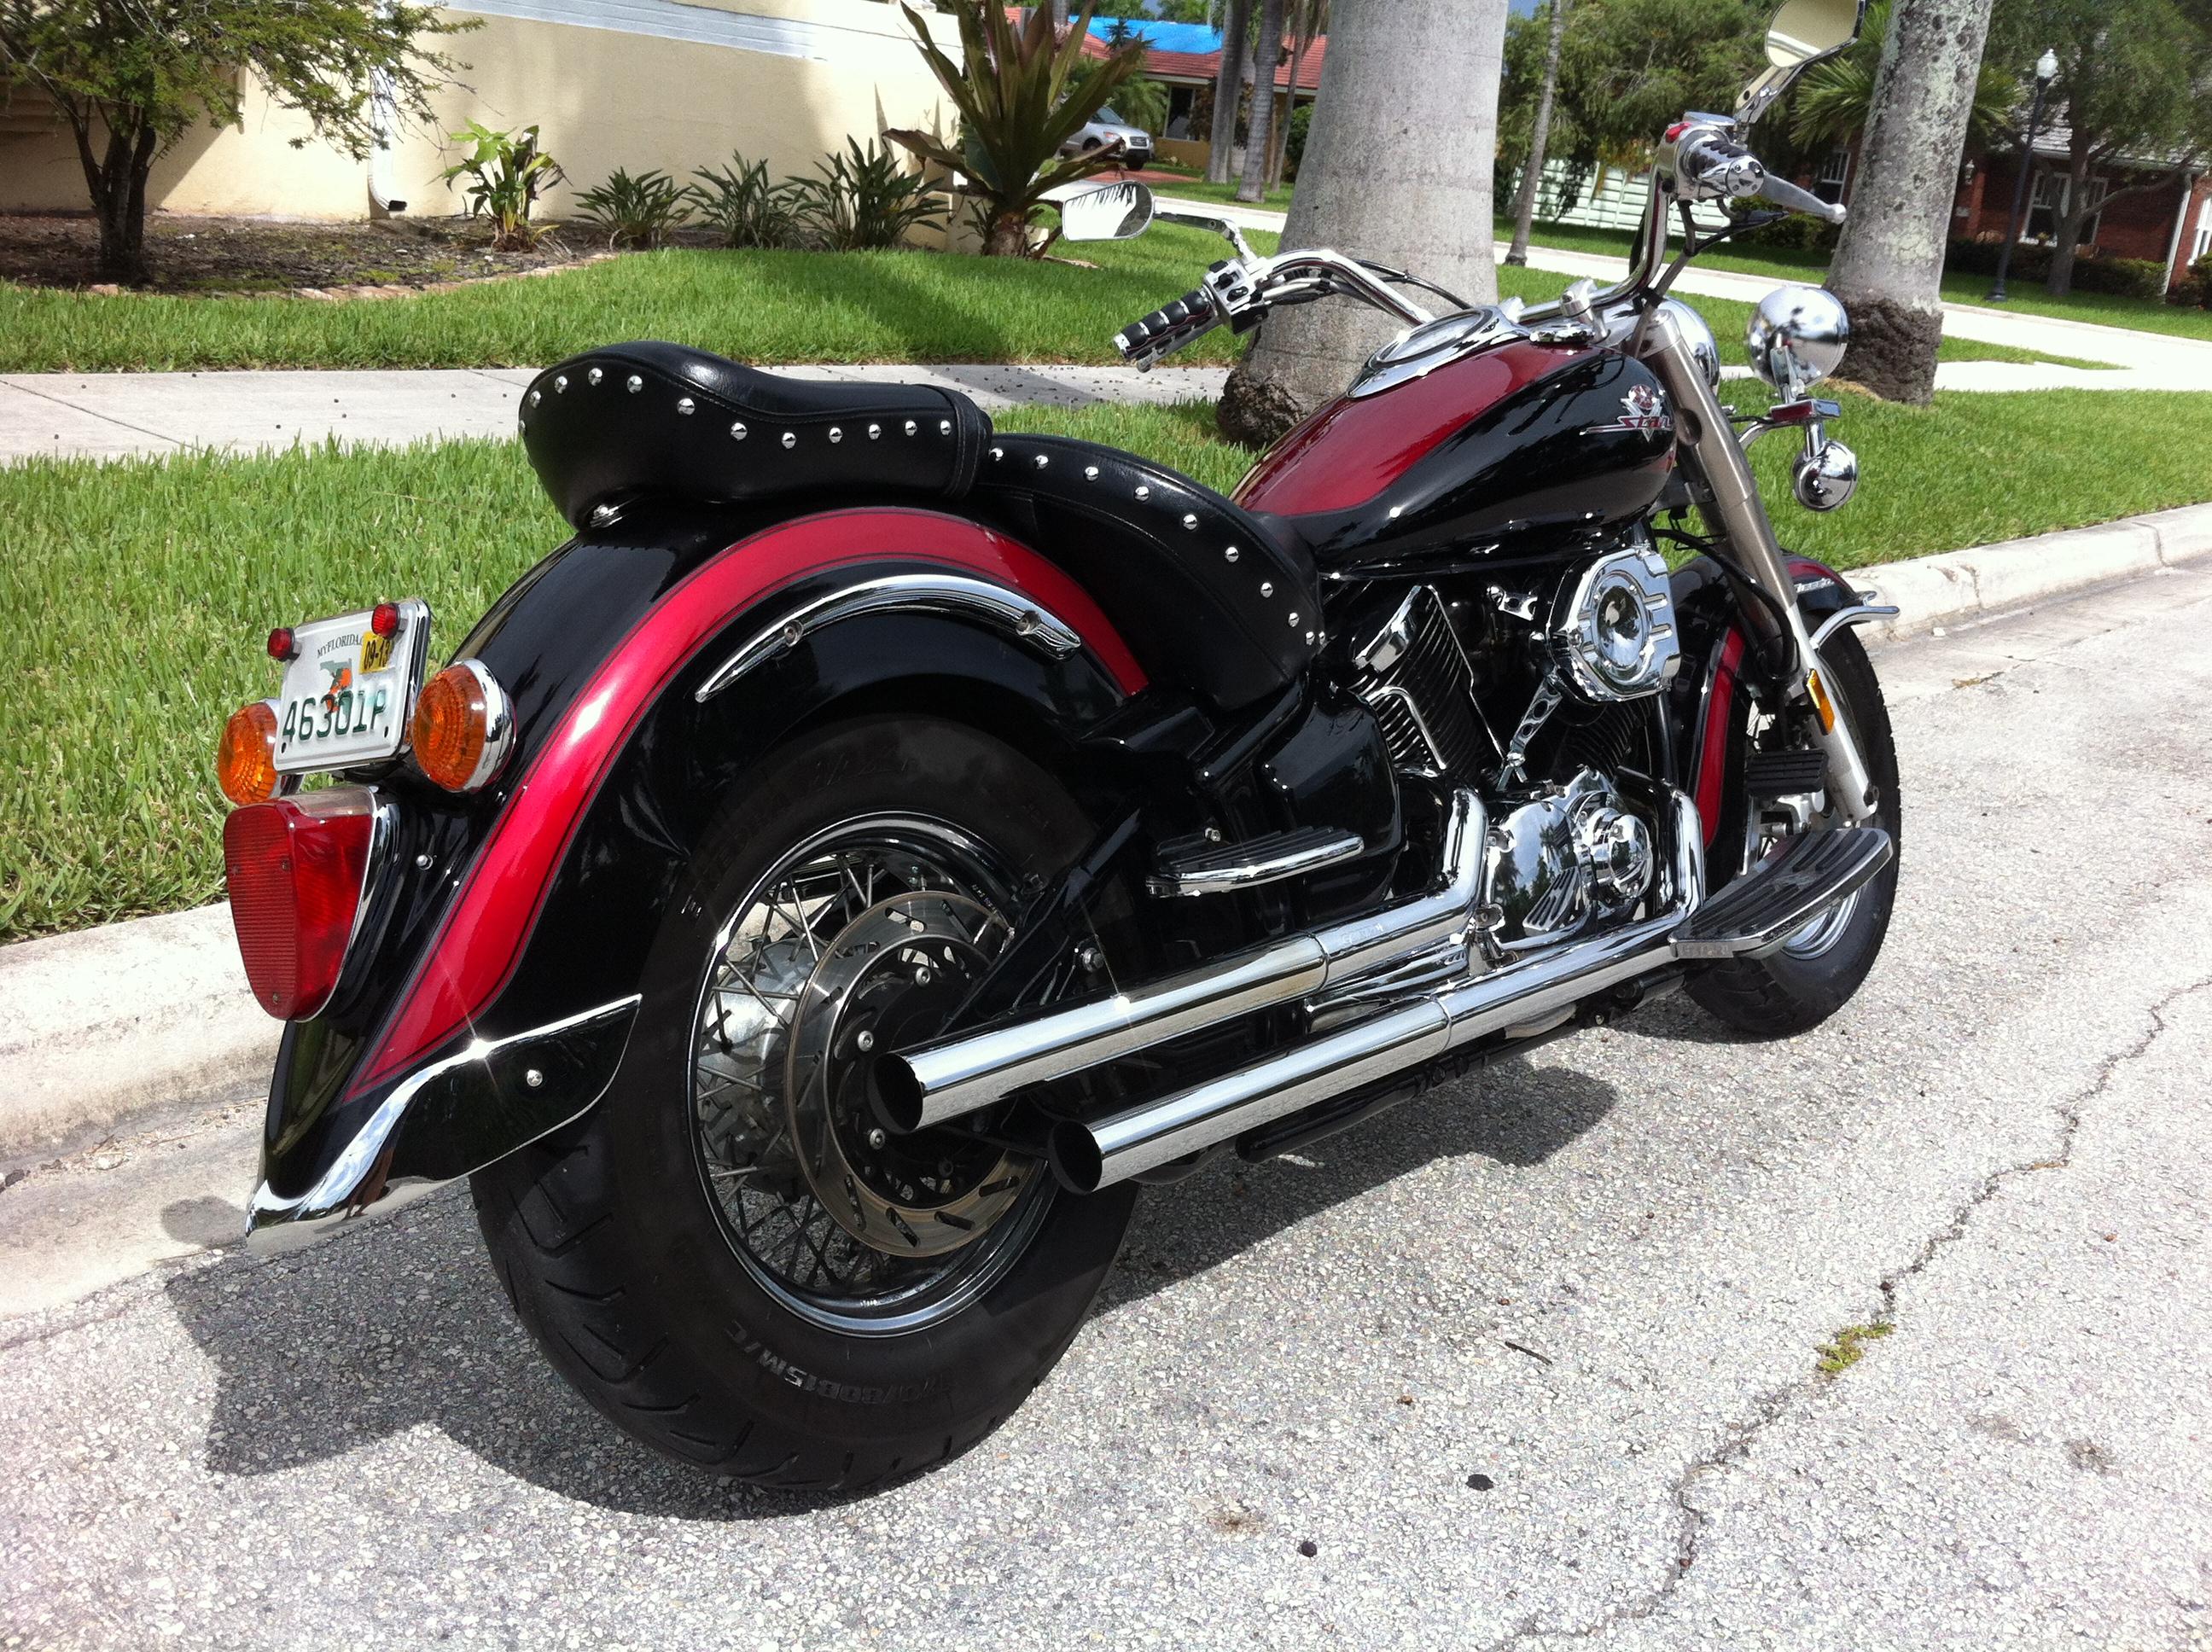 Selling Motorcycle - We Buy Motorcycles in Broward, Miami-Dade